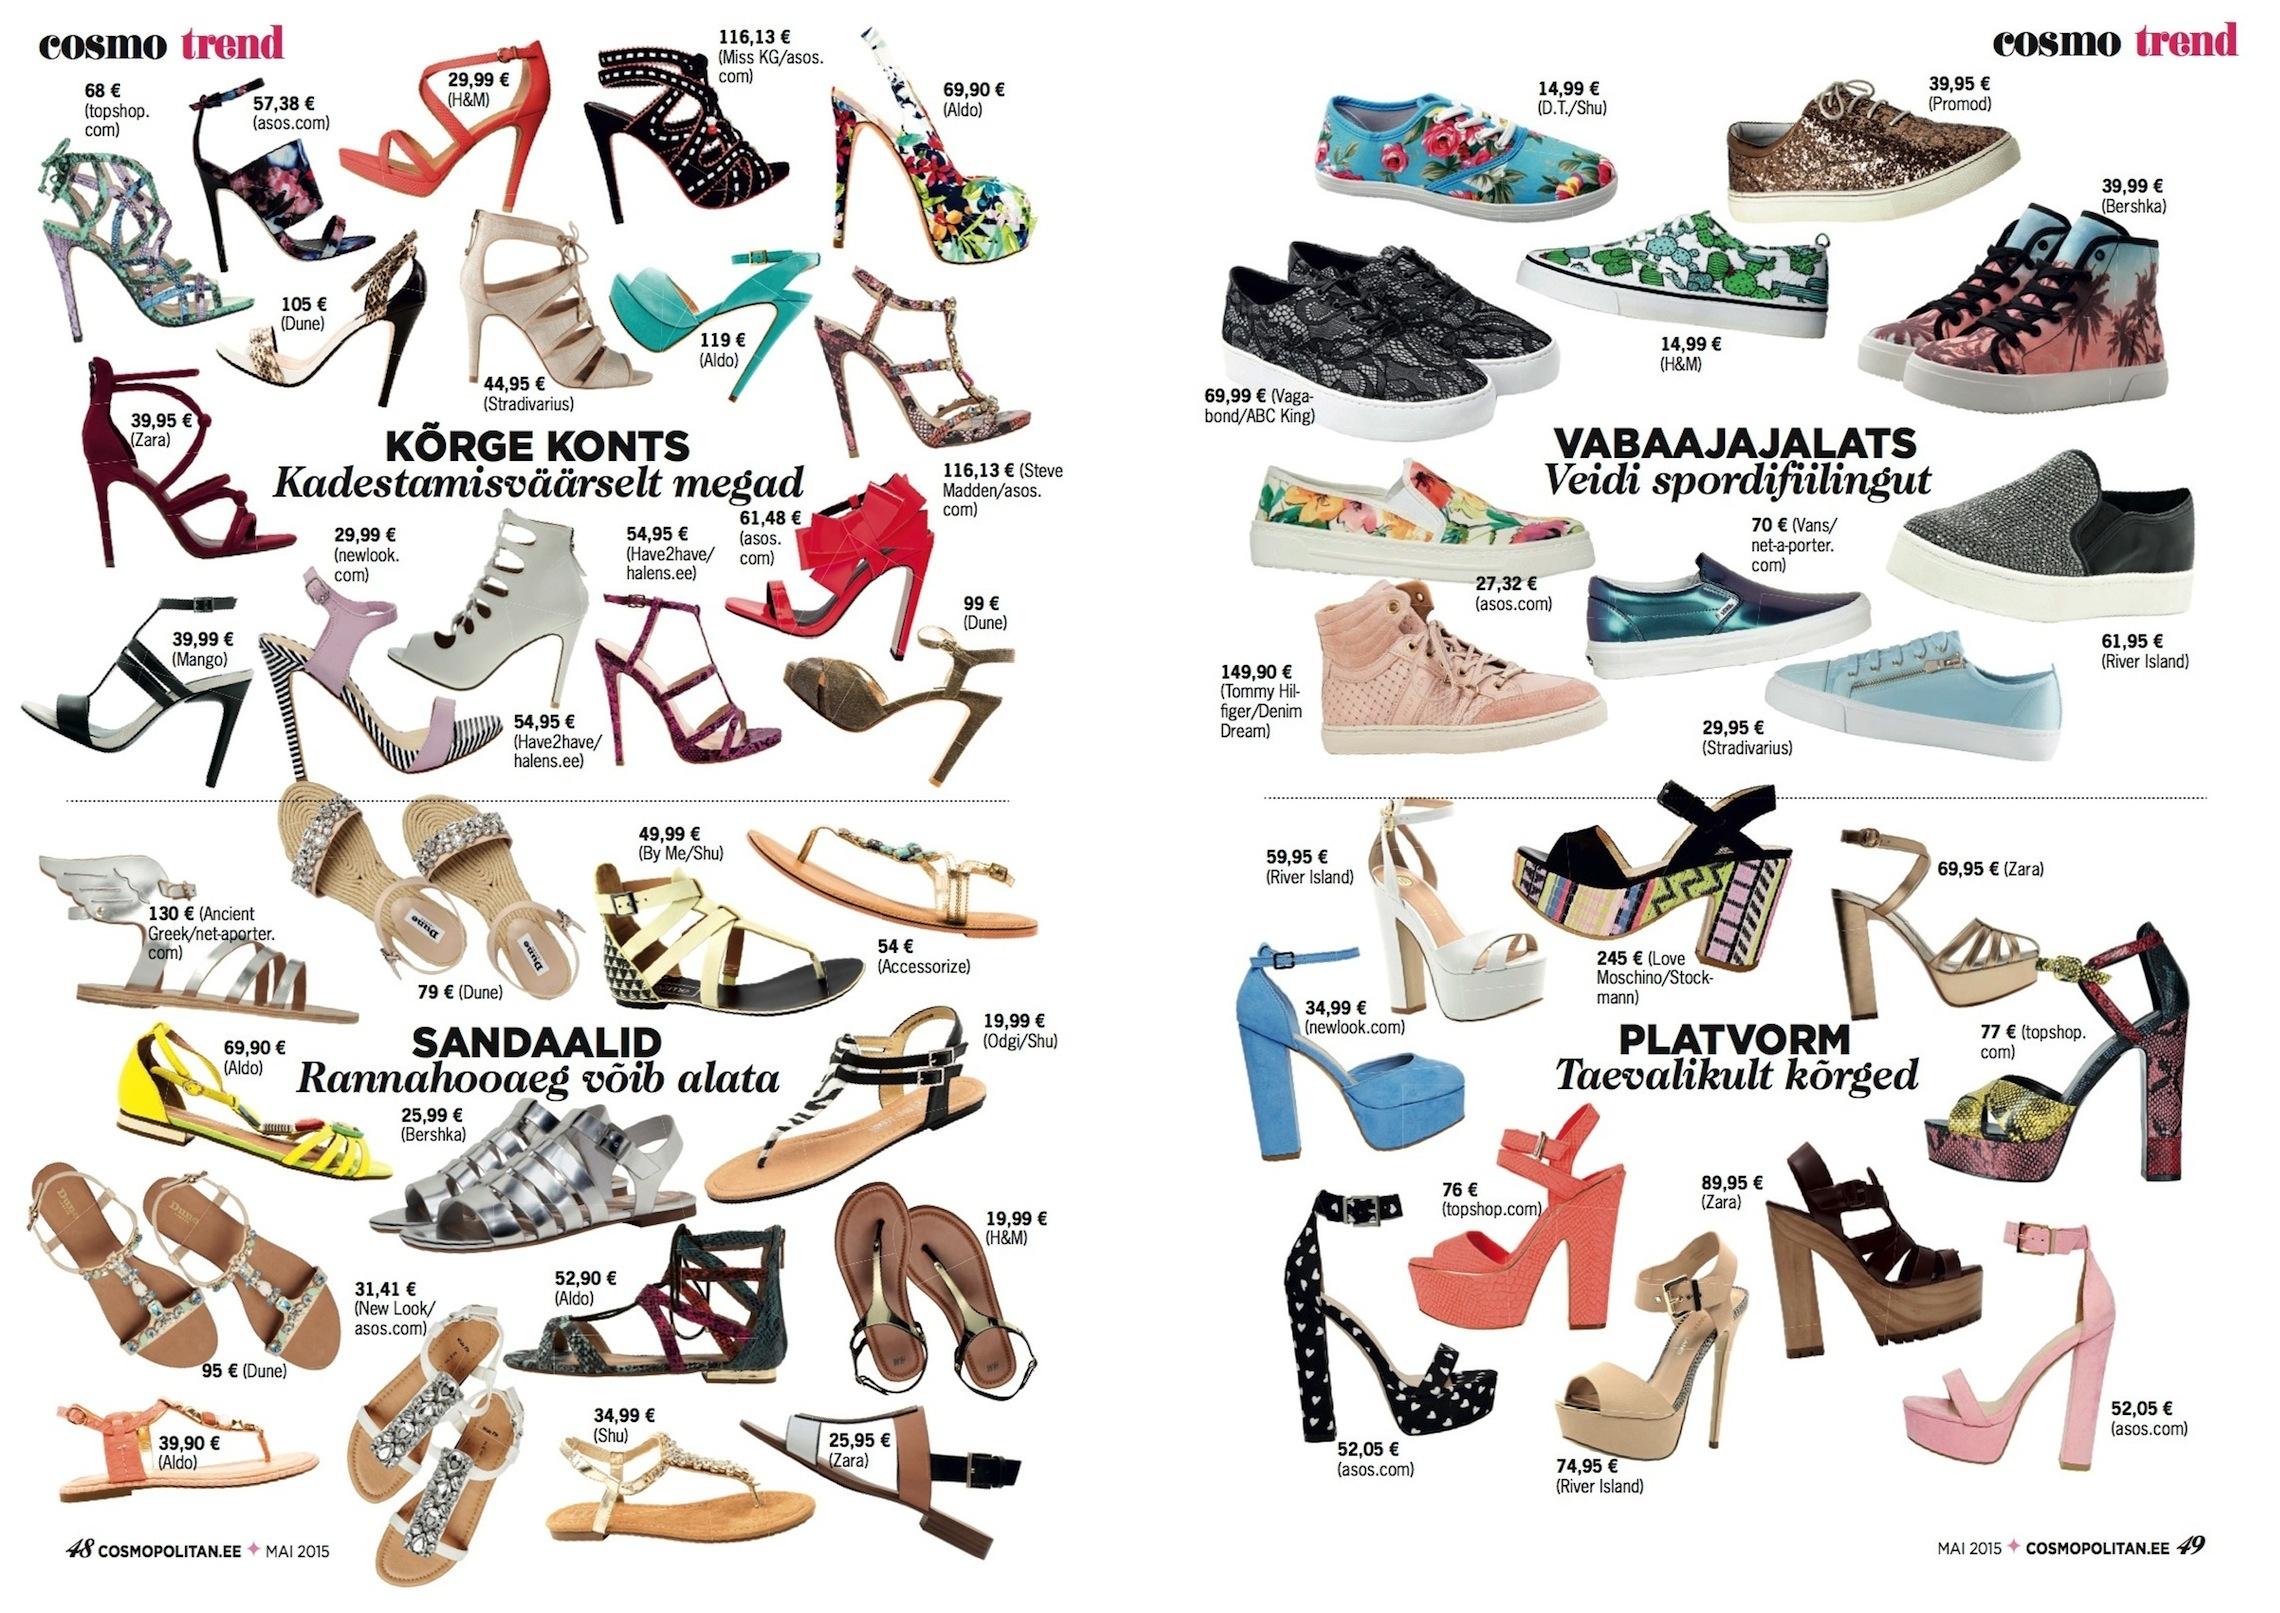 083-aija-kivi-for-cosmopolitan-estonia-magazine-stylist-fashion-editor-copy